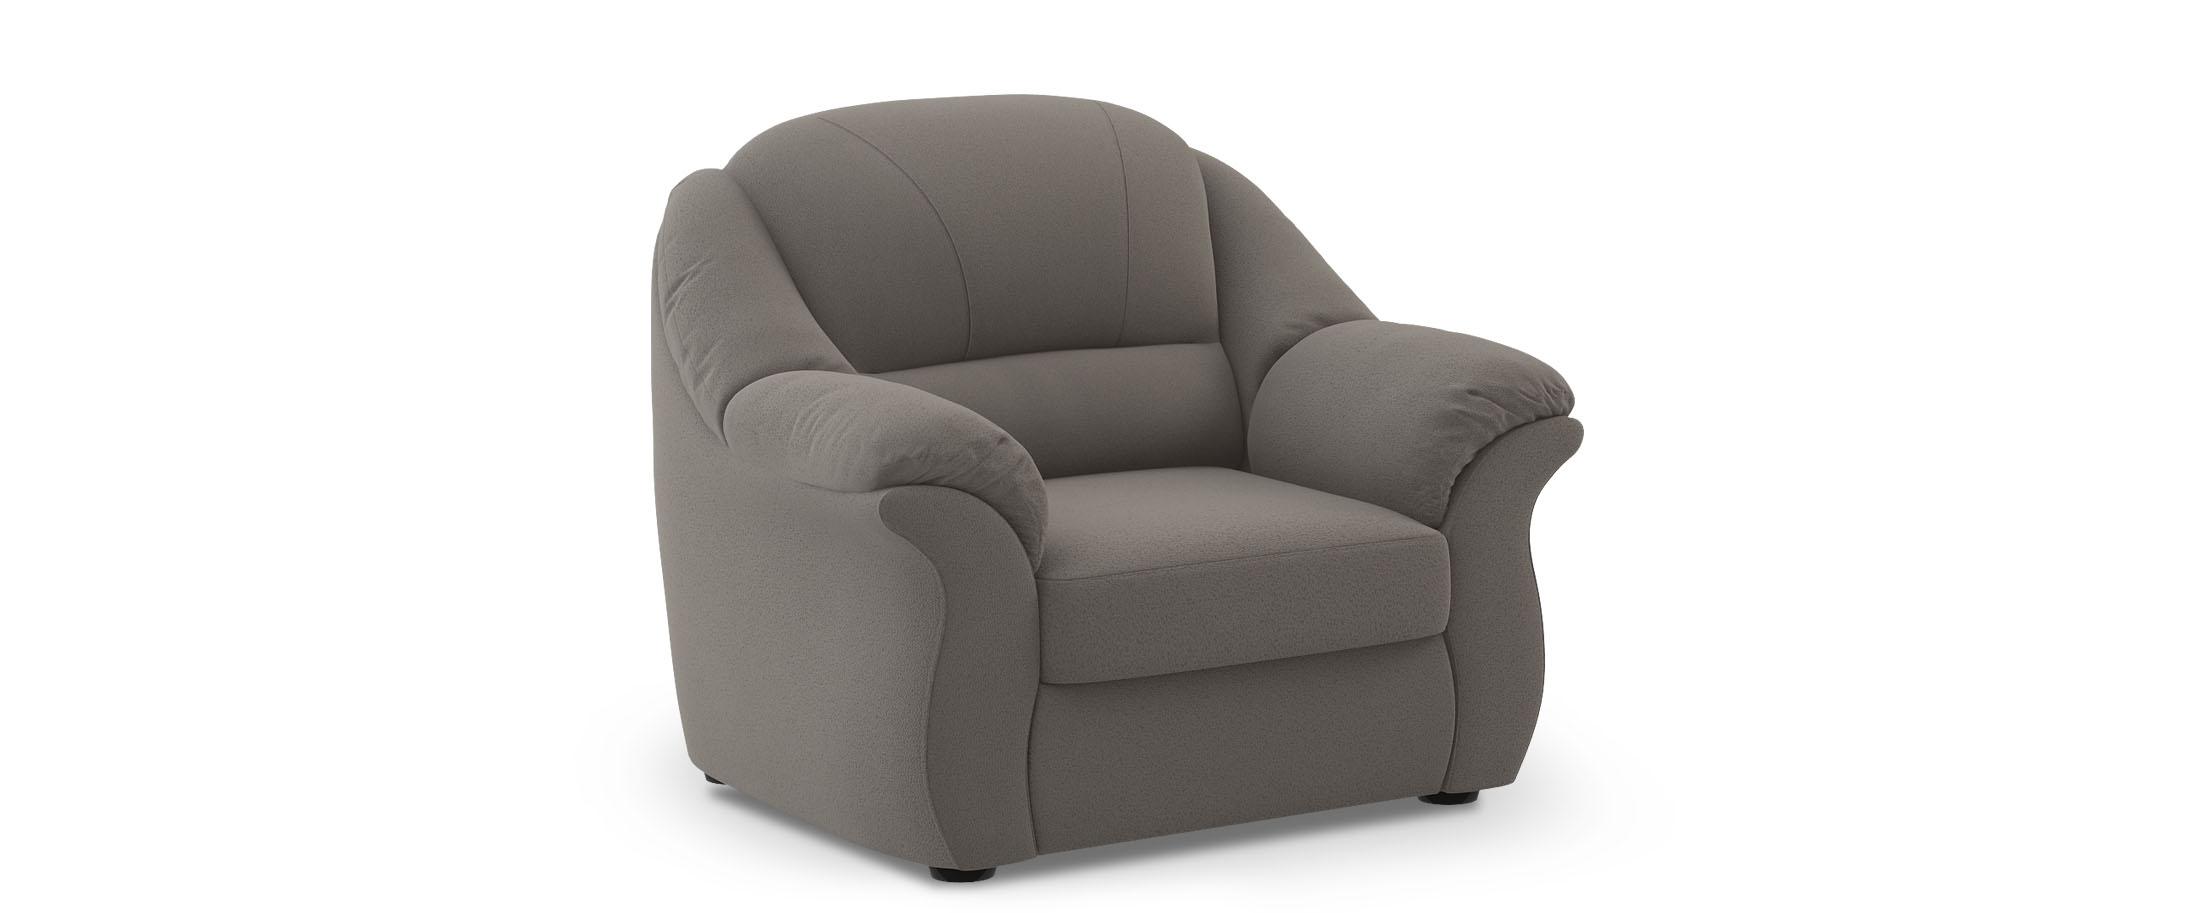 Кресло Бостон 017Купить серое кресло Бостон из замши от производителя. Доставка от 1 дня. Подъём, сборка, вынос упаковки. Гарантия 18 месяцев. Интернет-магазин мебели MOON-TRADE.RU<br>